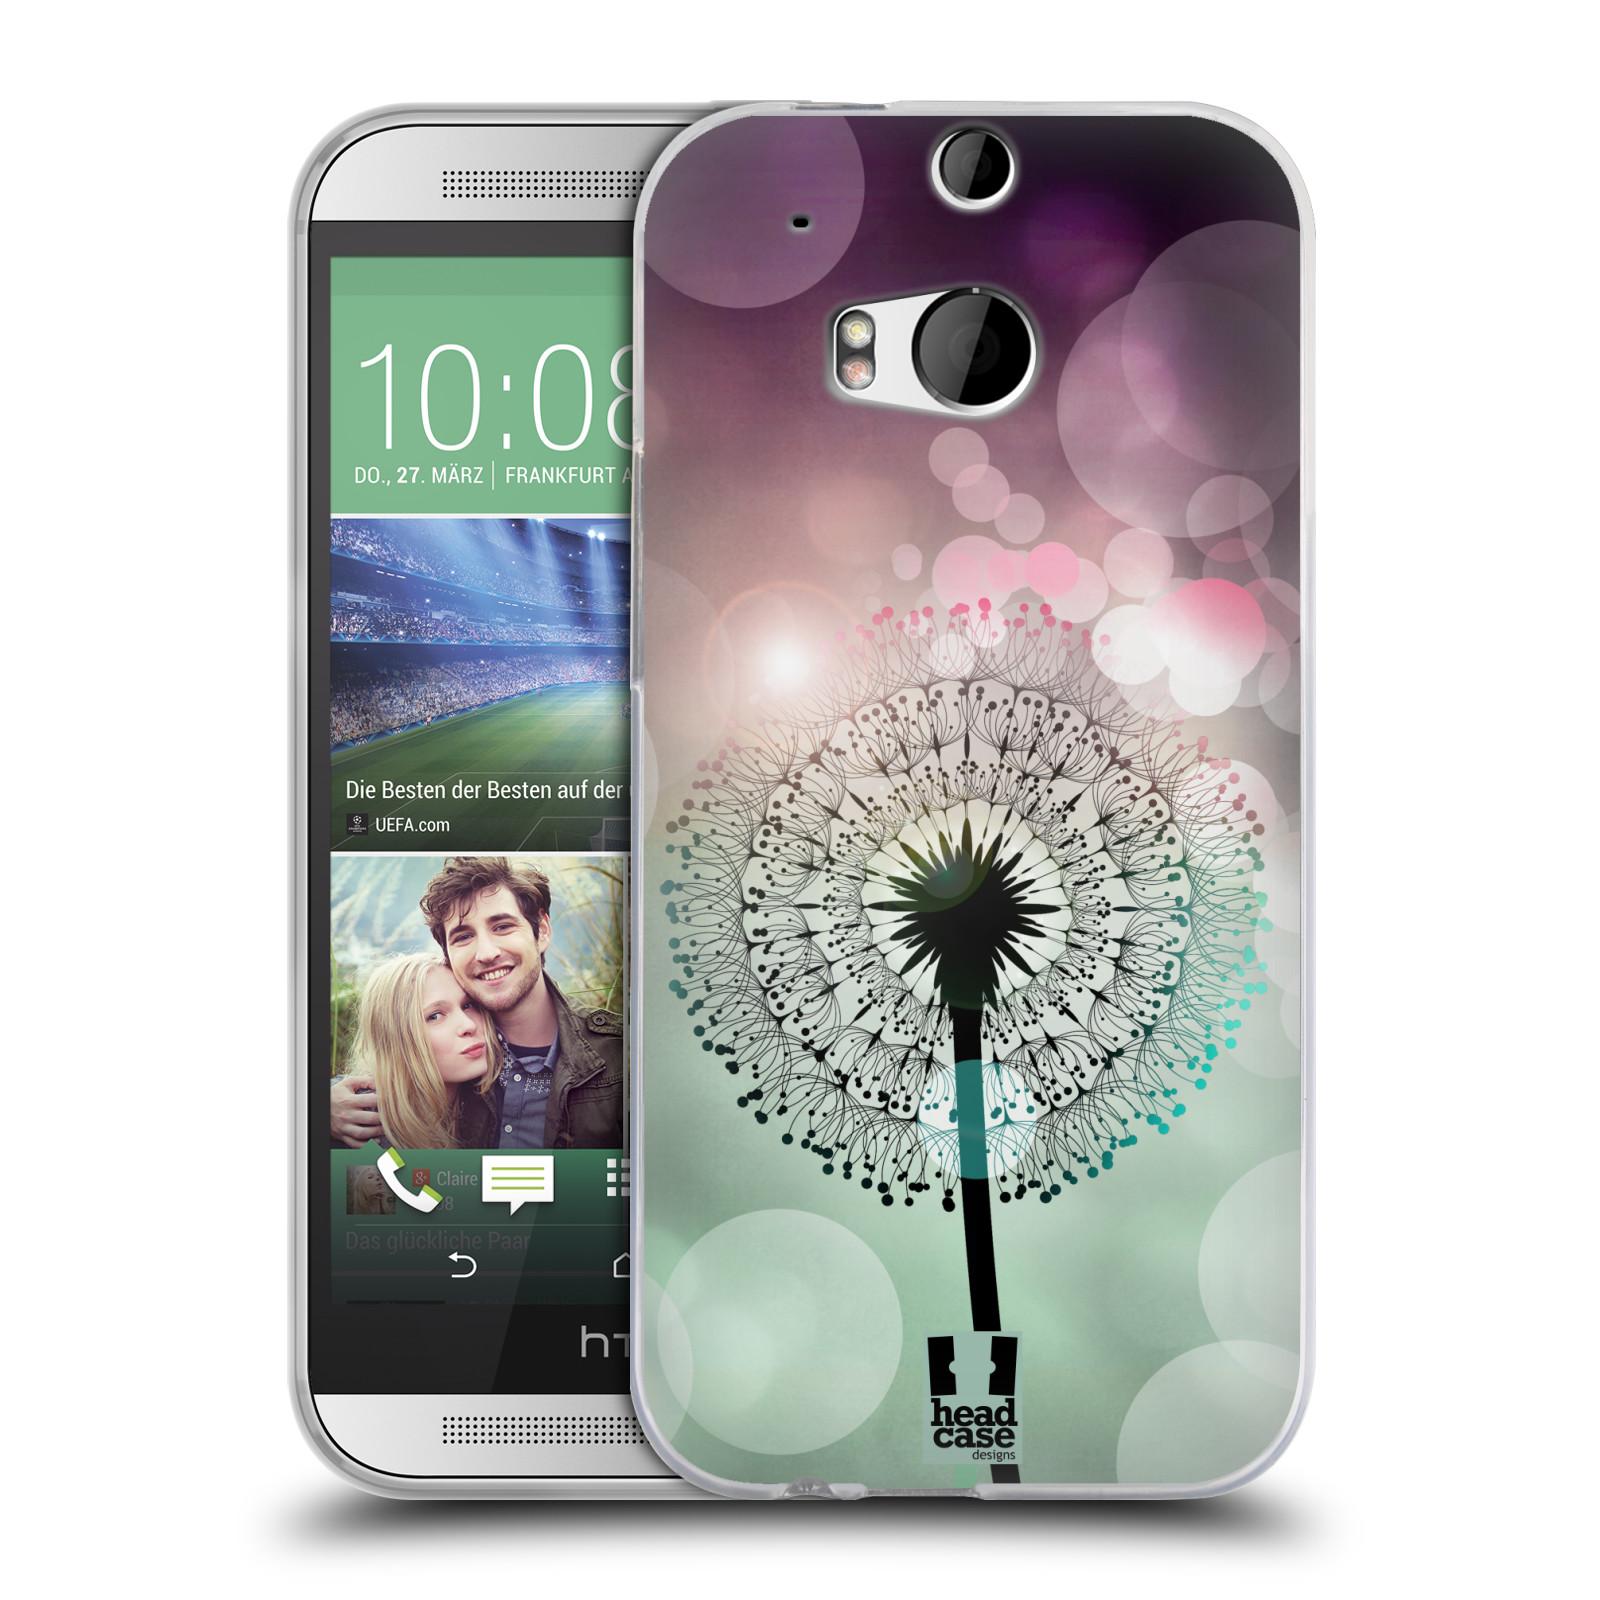 Silikonové pouzdro na mobil HTC ONE M8 HEAD CASE Pampeliškové odlesky